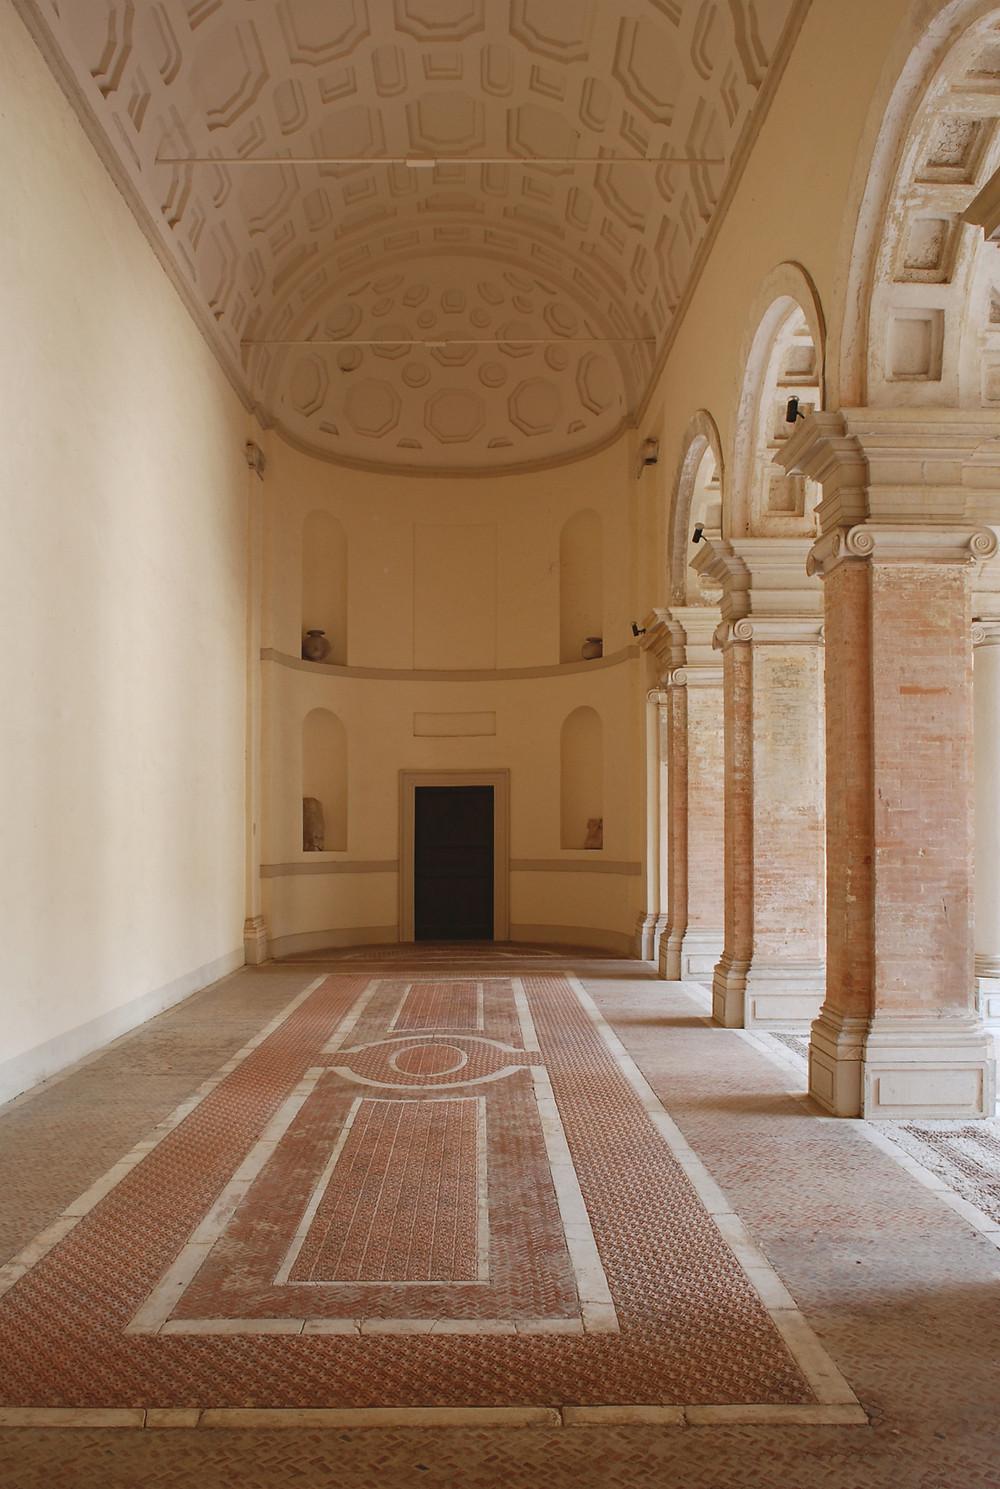 Villa Imperiale Pesaro, la sala dei banchetti dell'ala roveresca